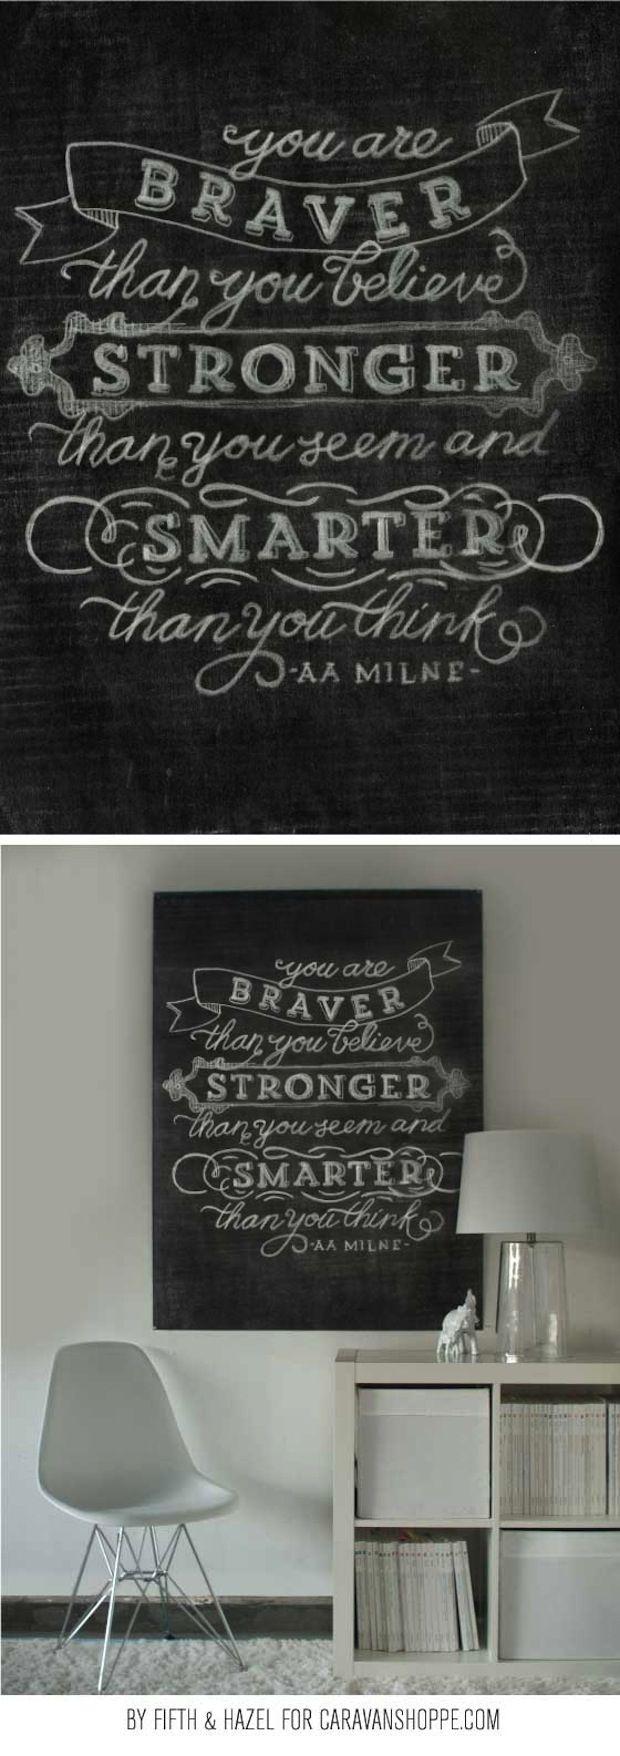 free printable chalkboard artwork (caravan shoppe - staples engineering print)- Braver, Stronger, Smarter